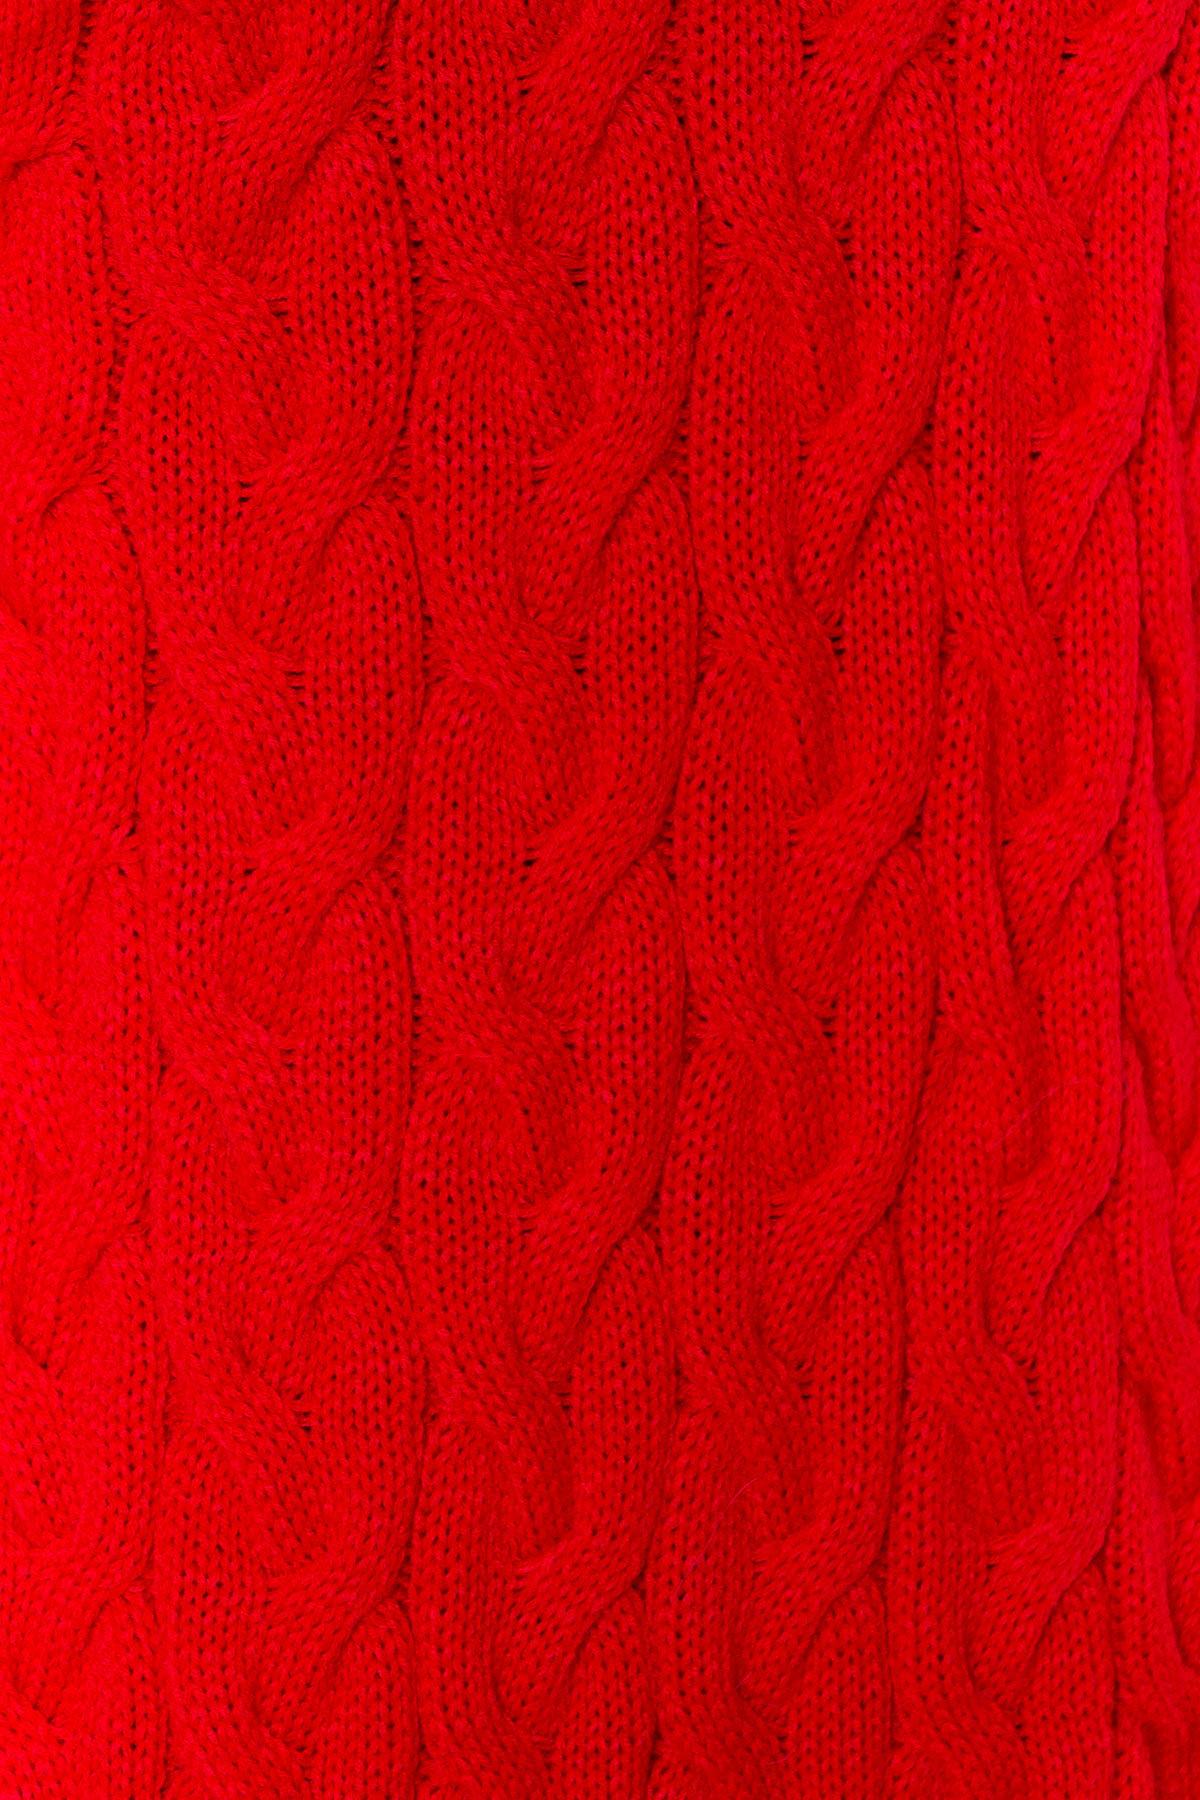 Кардиган длинный Лало АРТ. 7018 Цвет: Красный 2511 - фото 4, интернет магазин tm-modus.ru